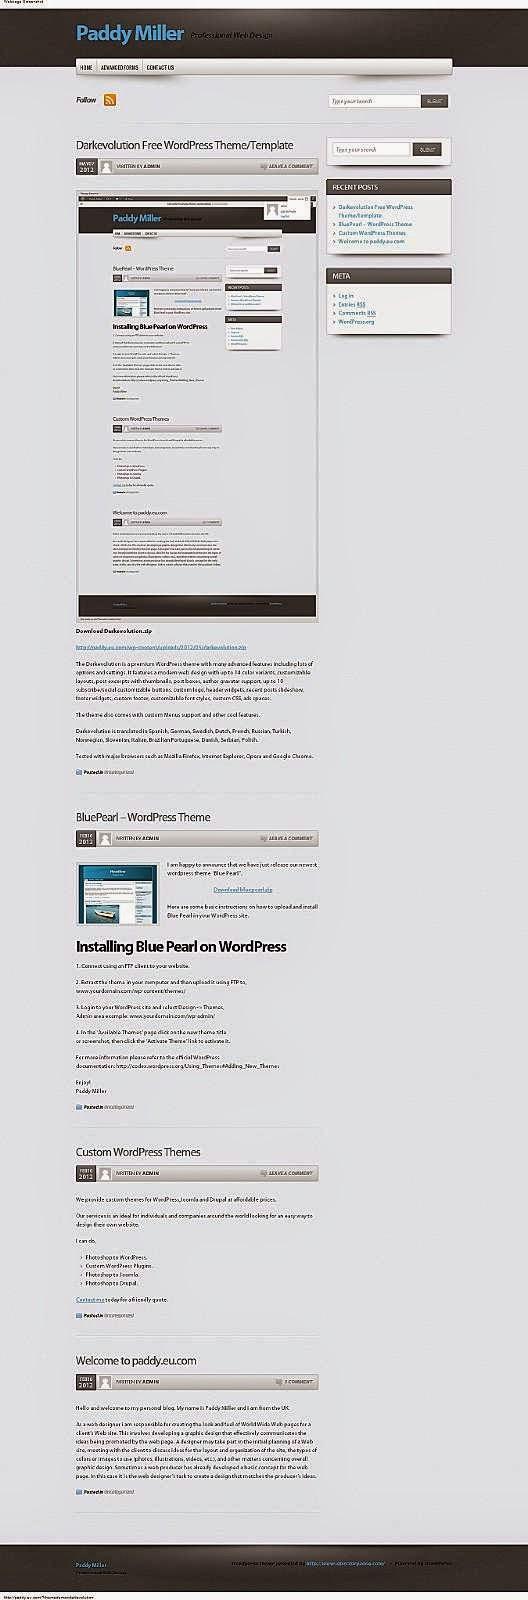 Darkevolution - Free Wordpress Theme